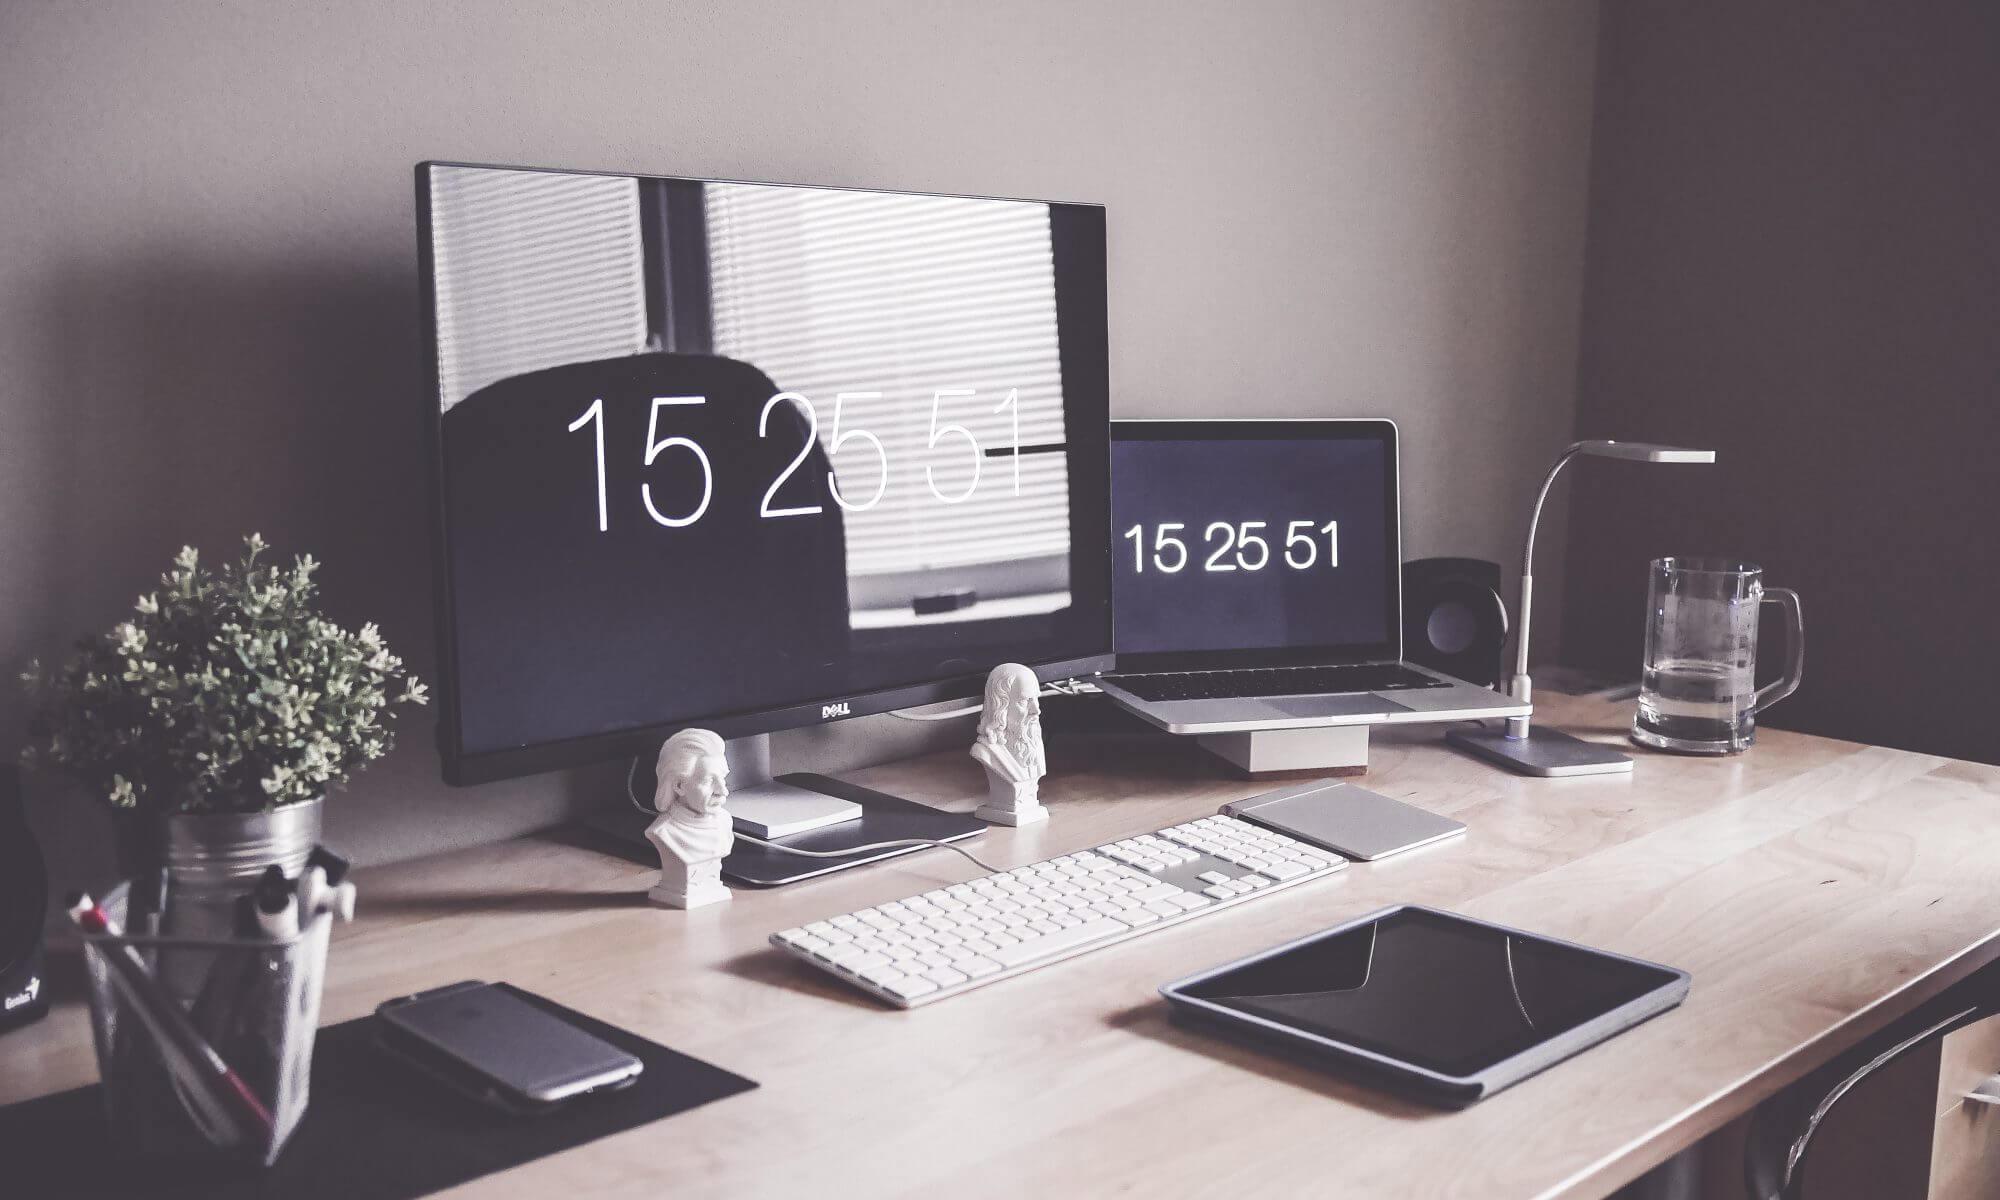 technology desk 2000x1200 1 - Webデザイナーという職業はもう無くなる!?